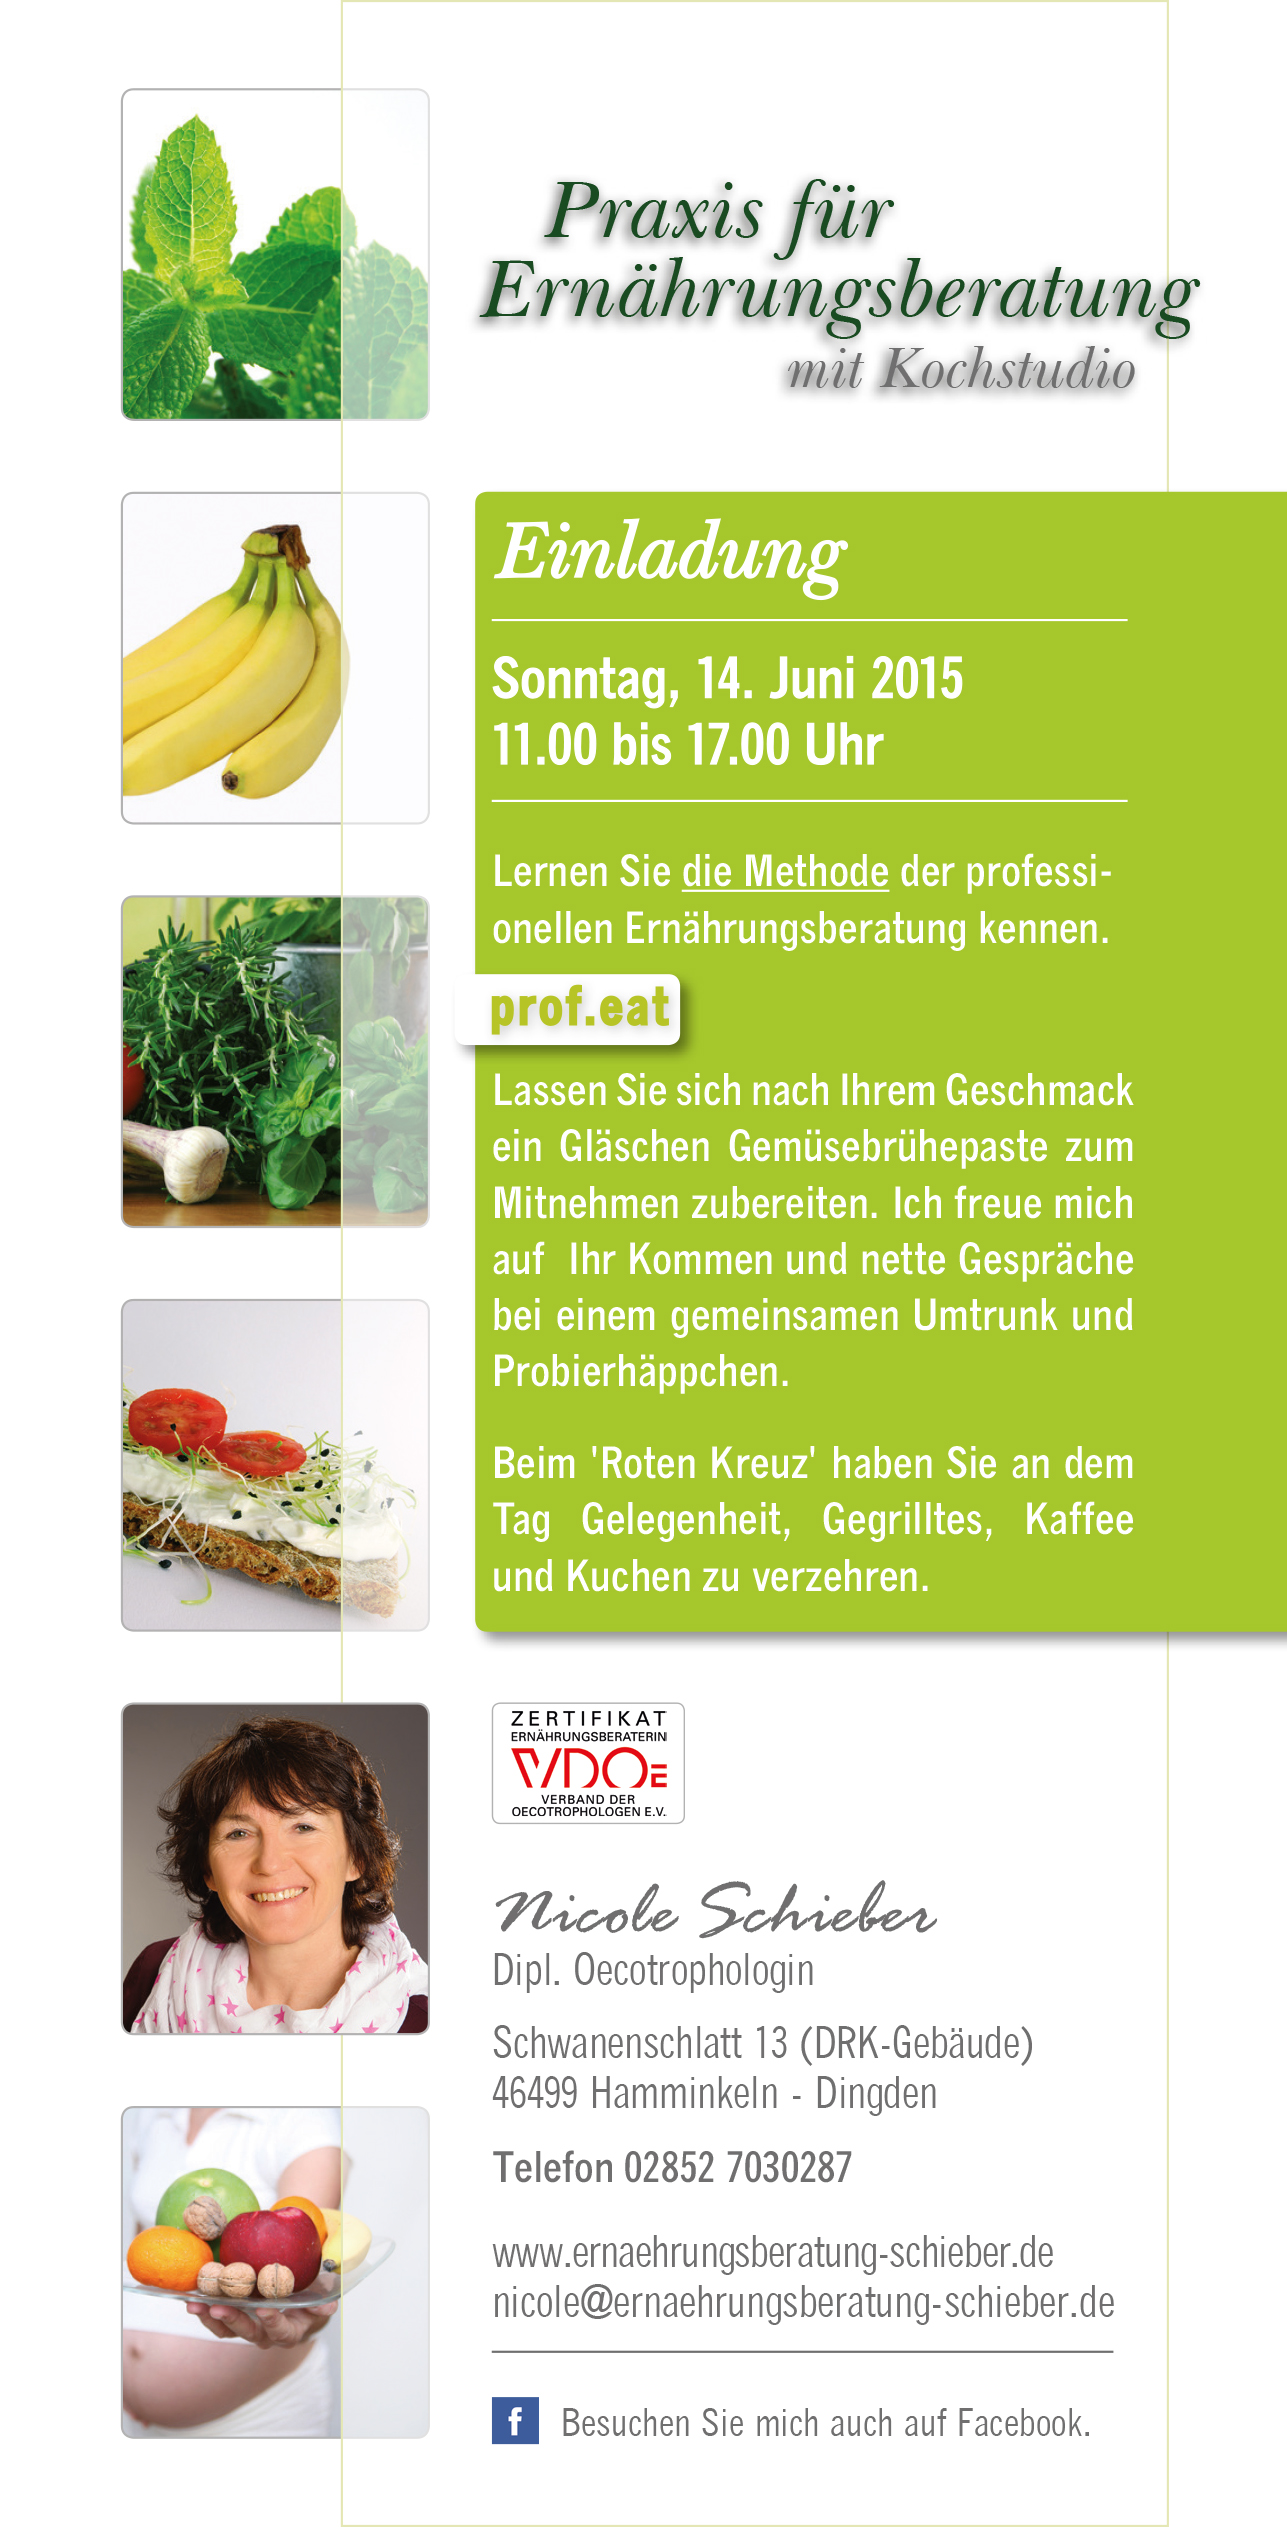 Einladung am 14. Juni 2015 - Ernährungsberatung Schieber